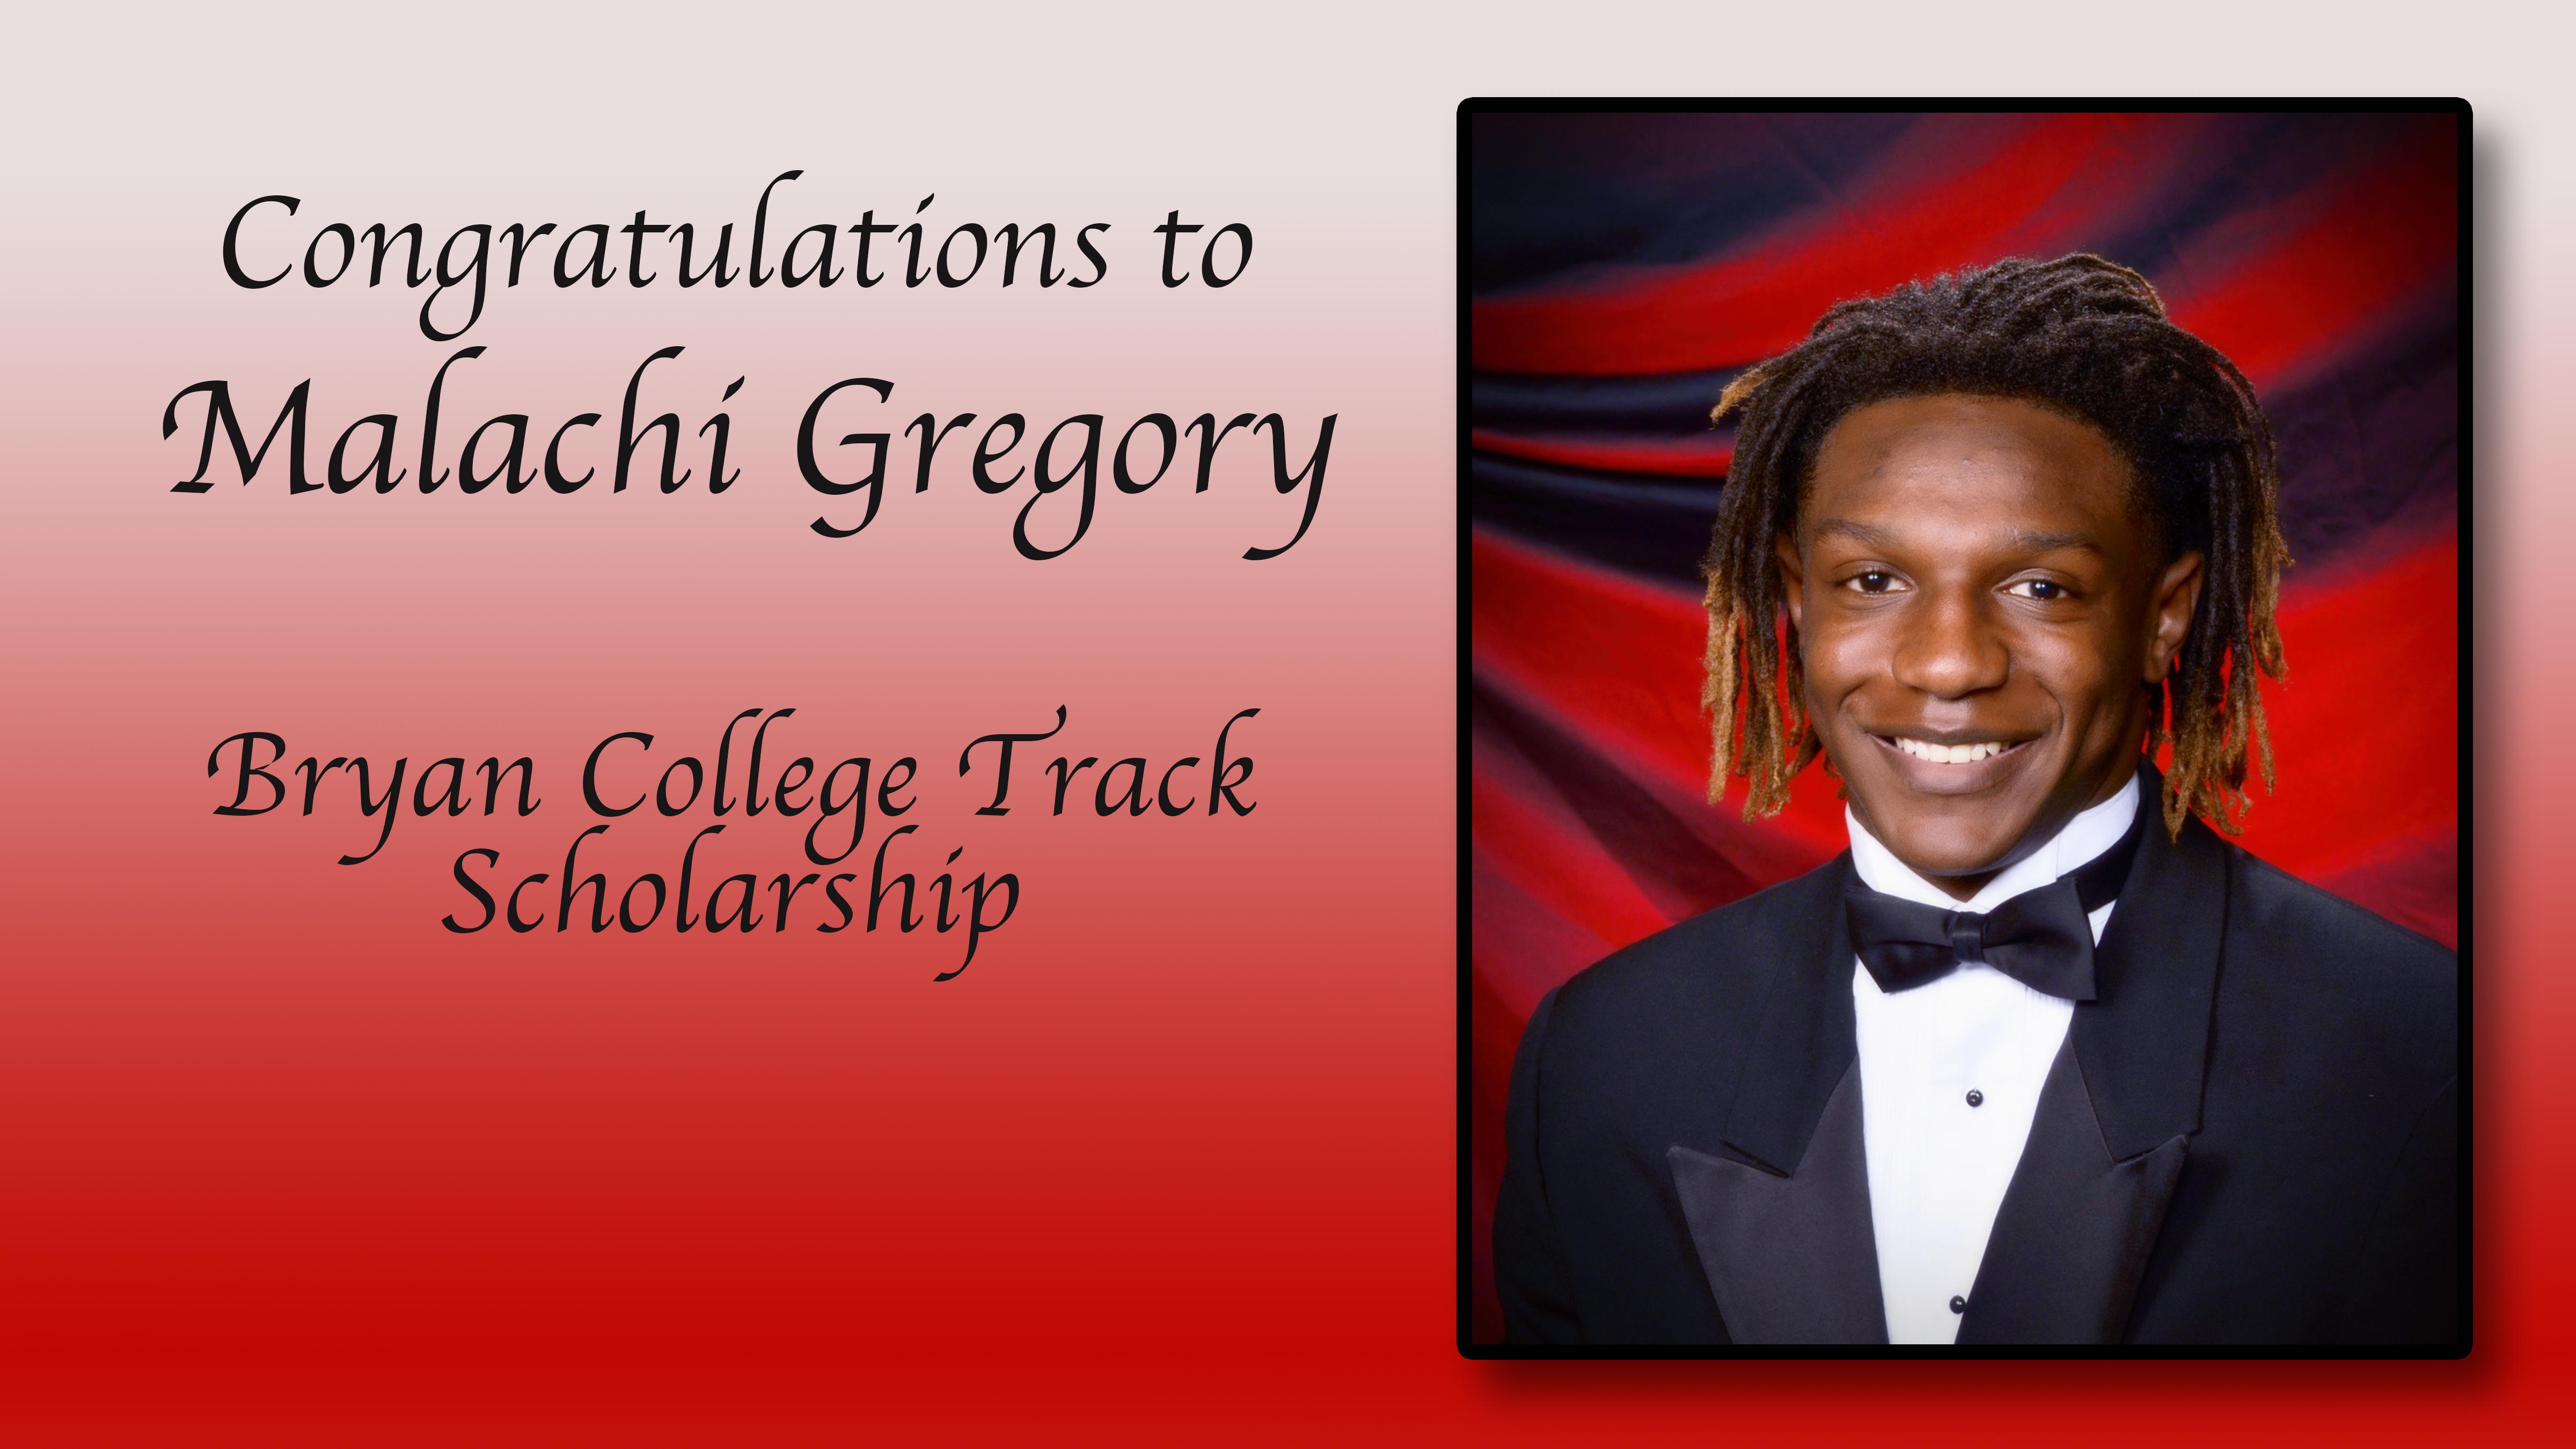 Malachi Gregory Scholarship